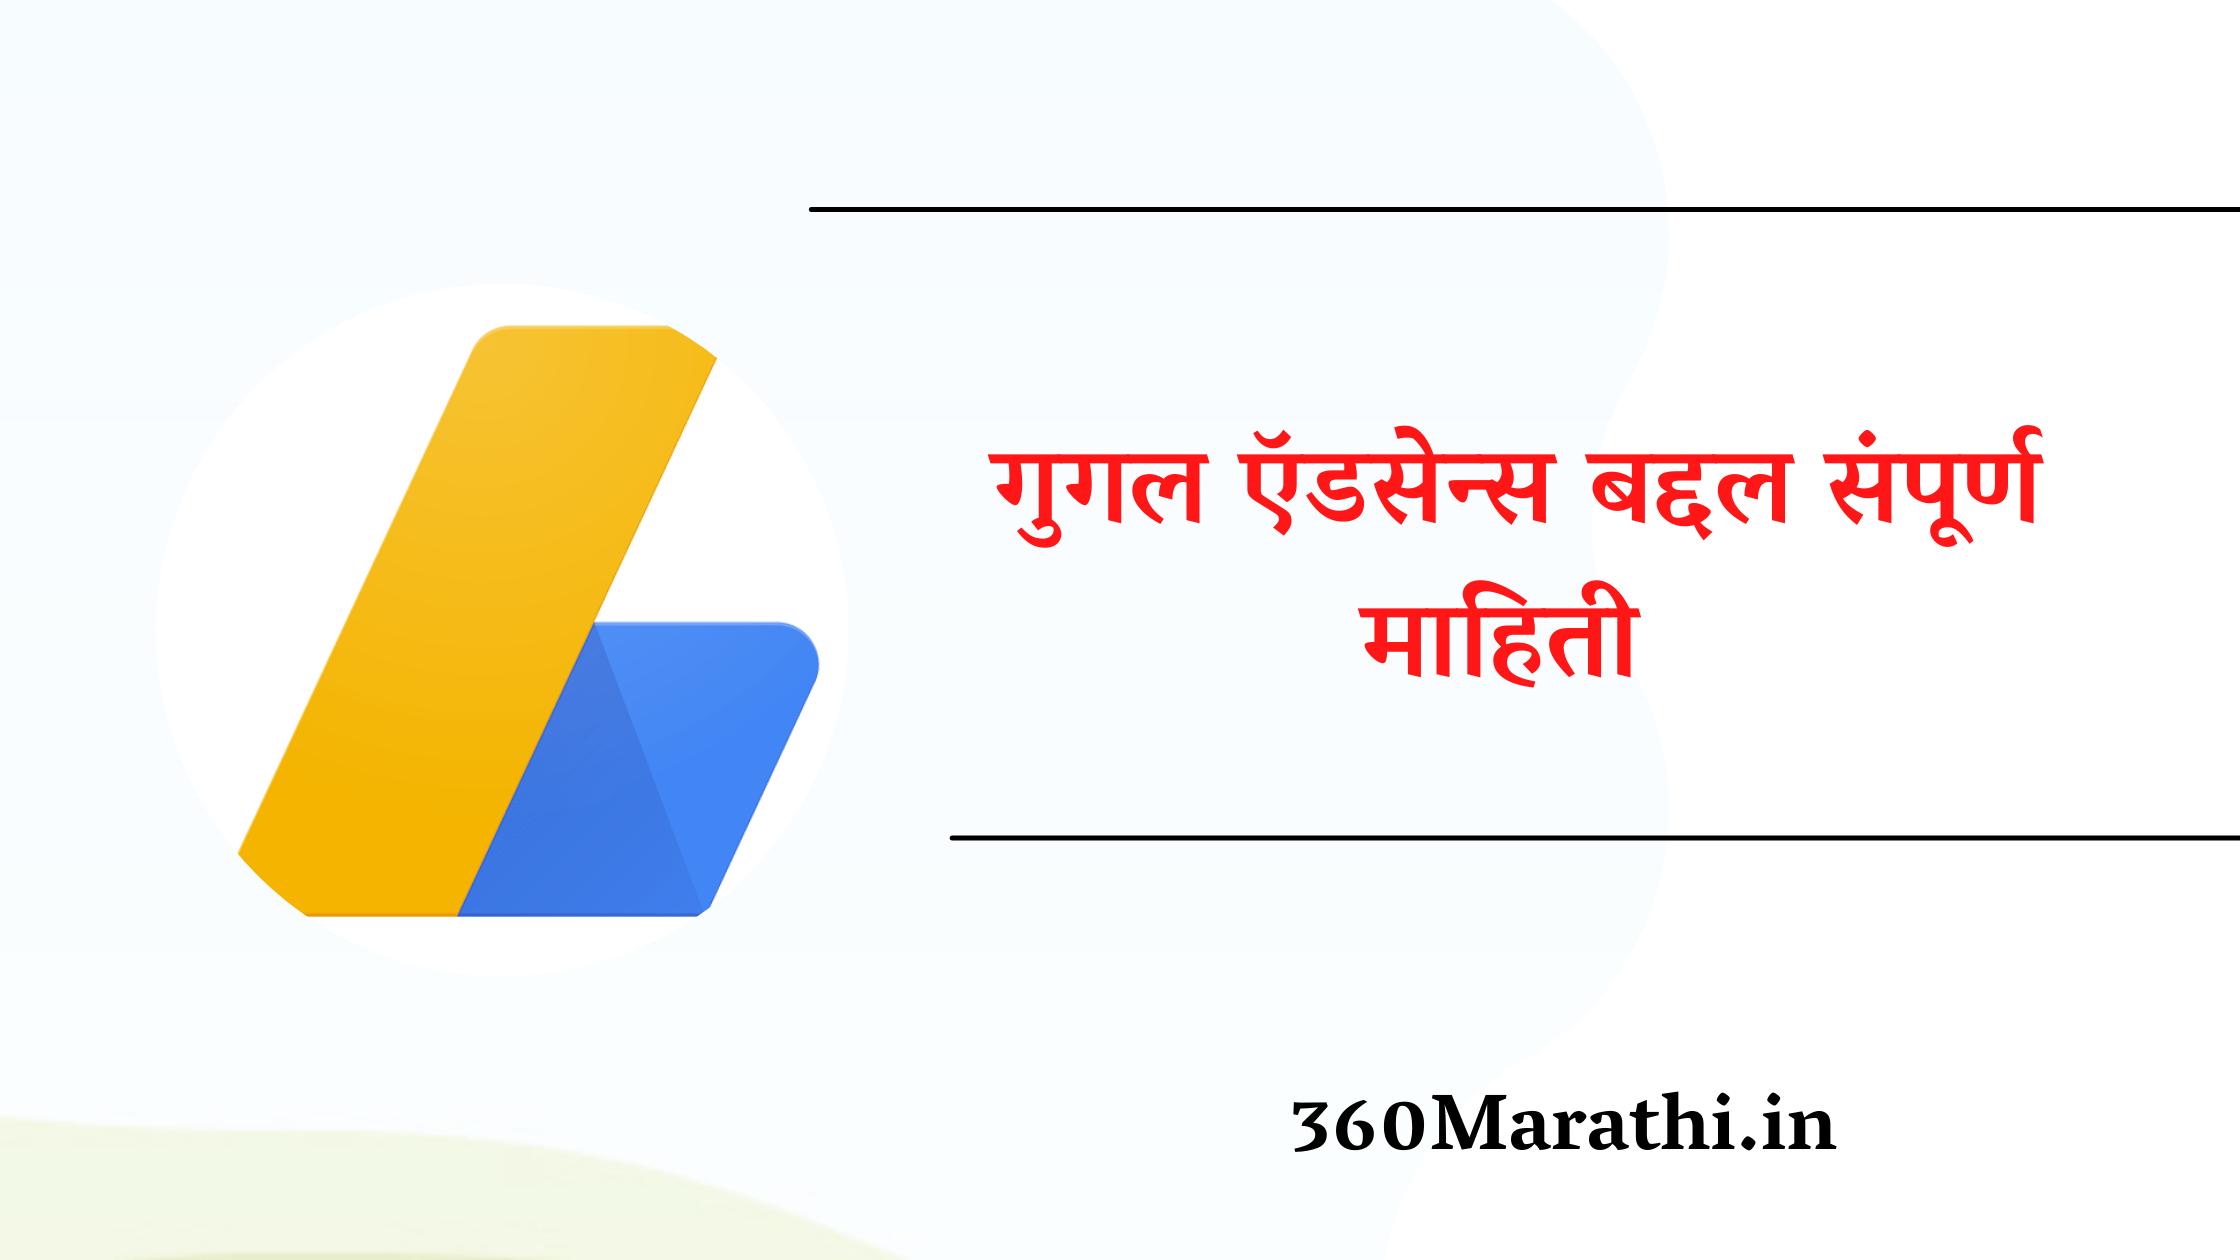 गुगल ऍडसेन्स म्हणजे काय? पैसे कमवण्याचा उत्तम मार्ग । Google Adsense meaning in Marathi